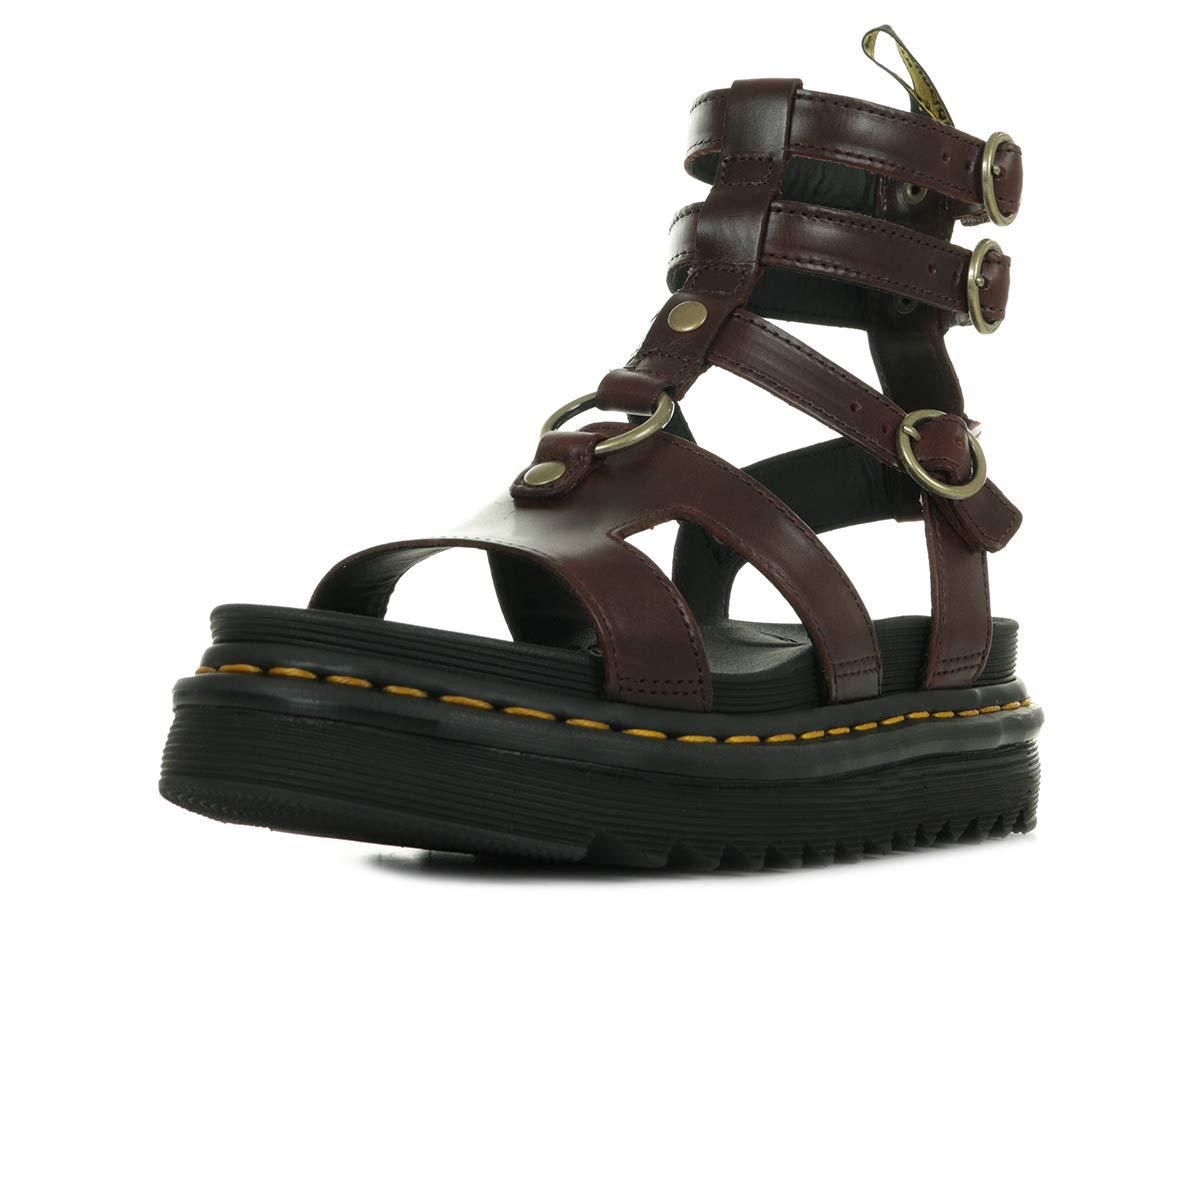 7ee3b532ce7 Dr. Martens Women's Adaira Sandals